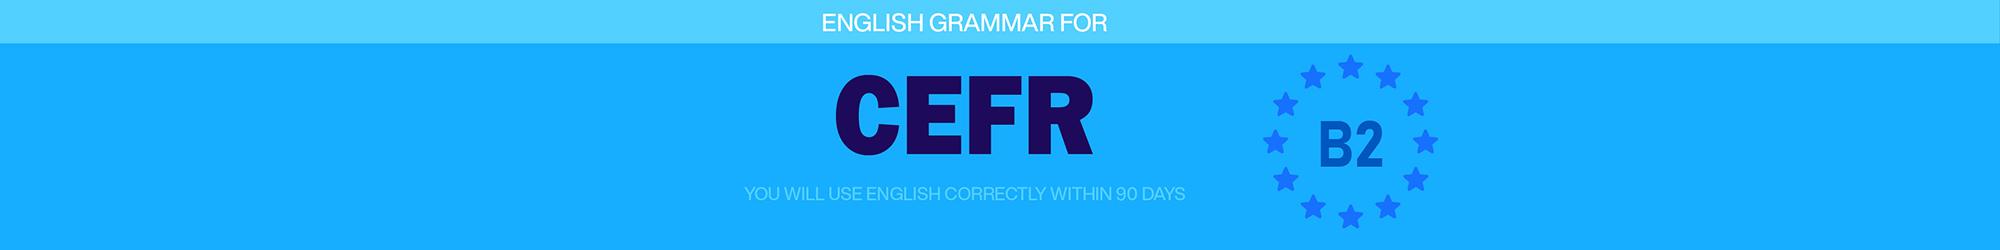 GRAMMAR FOR CEFR (B2) banner